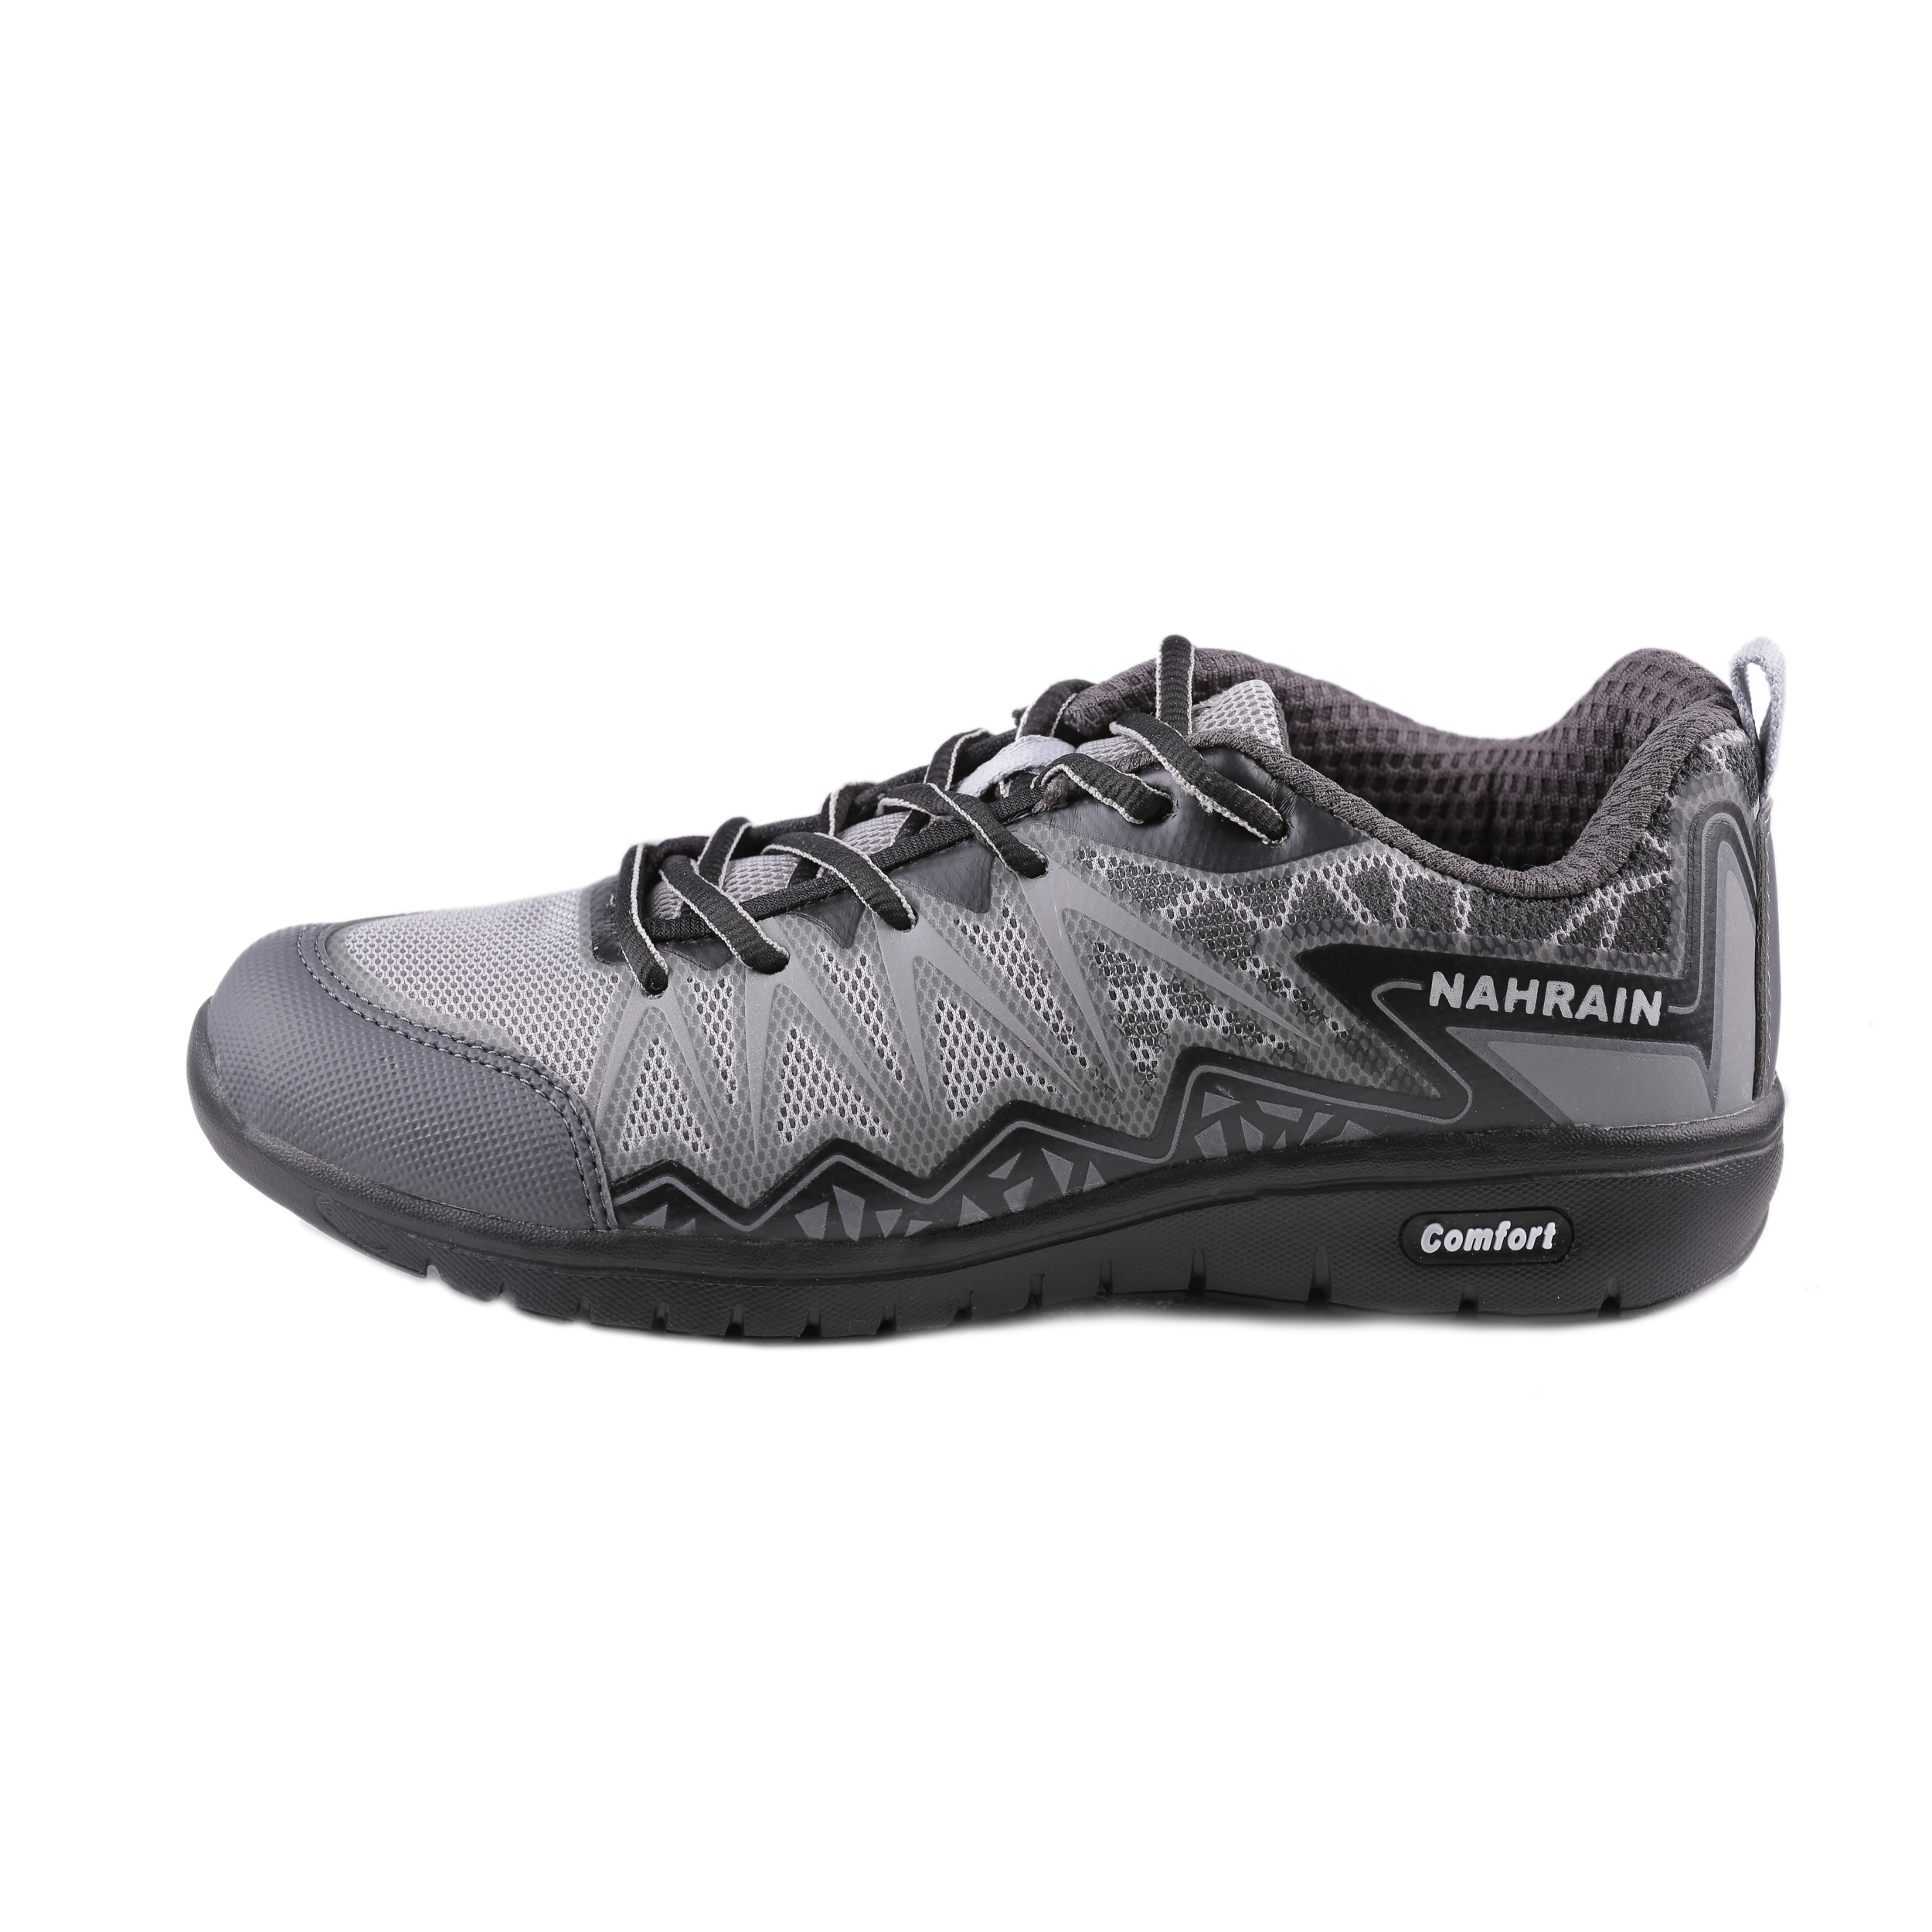 خرید کفش ورزشی زنانه نهرین مدل crest کد 1